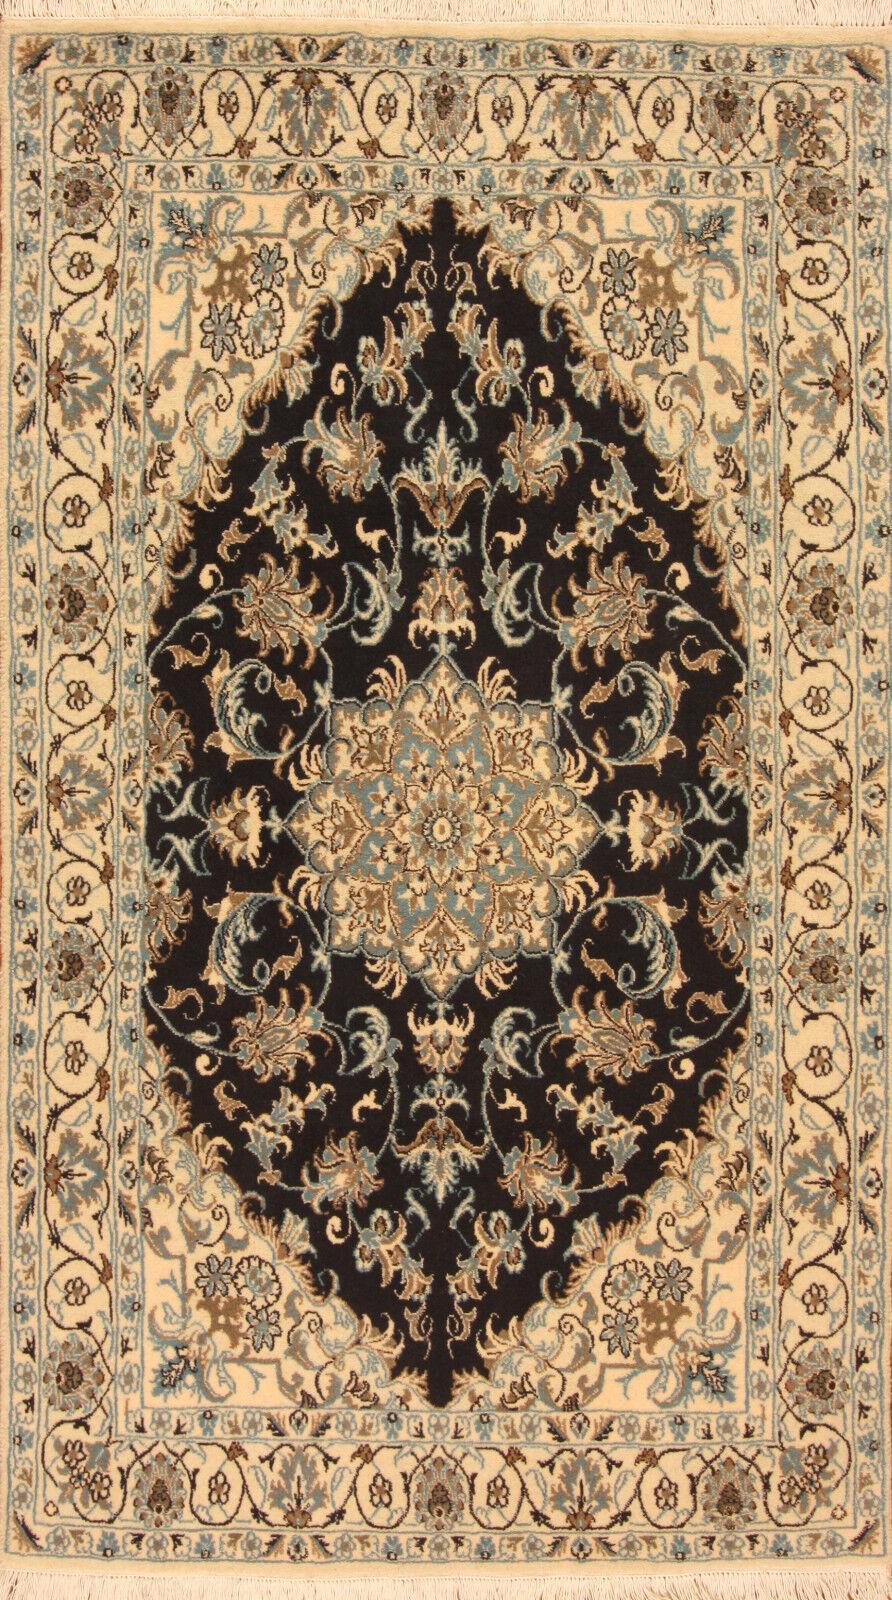 Orient alfombra verdadero hecha alfombra persa nr 3563 (210 x 121) cm nuevo puente